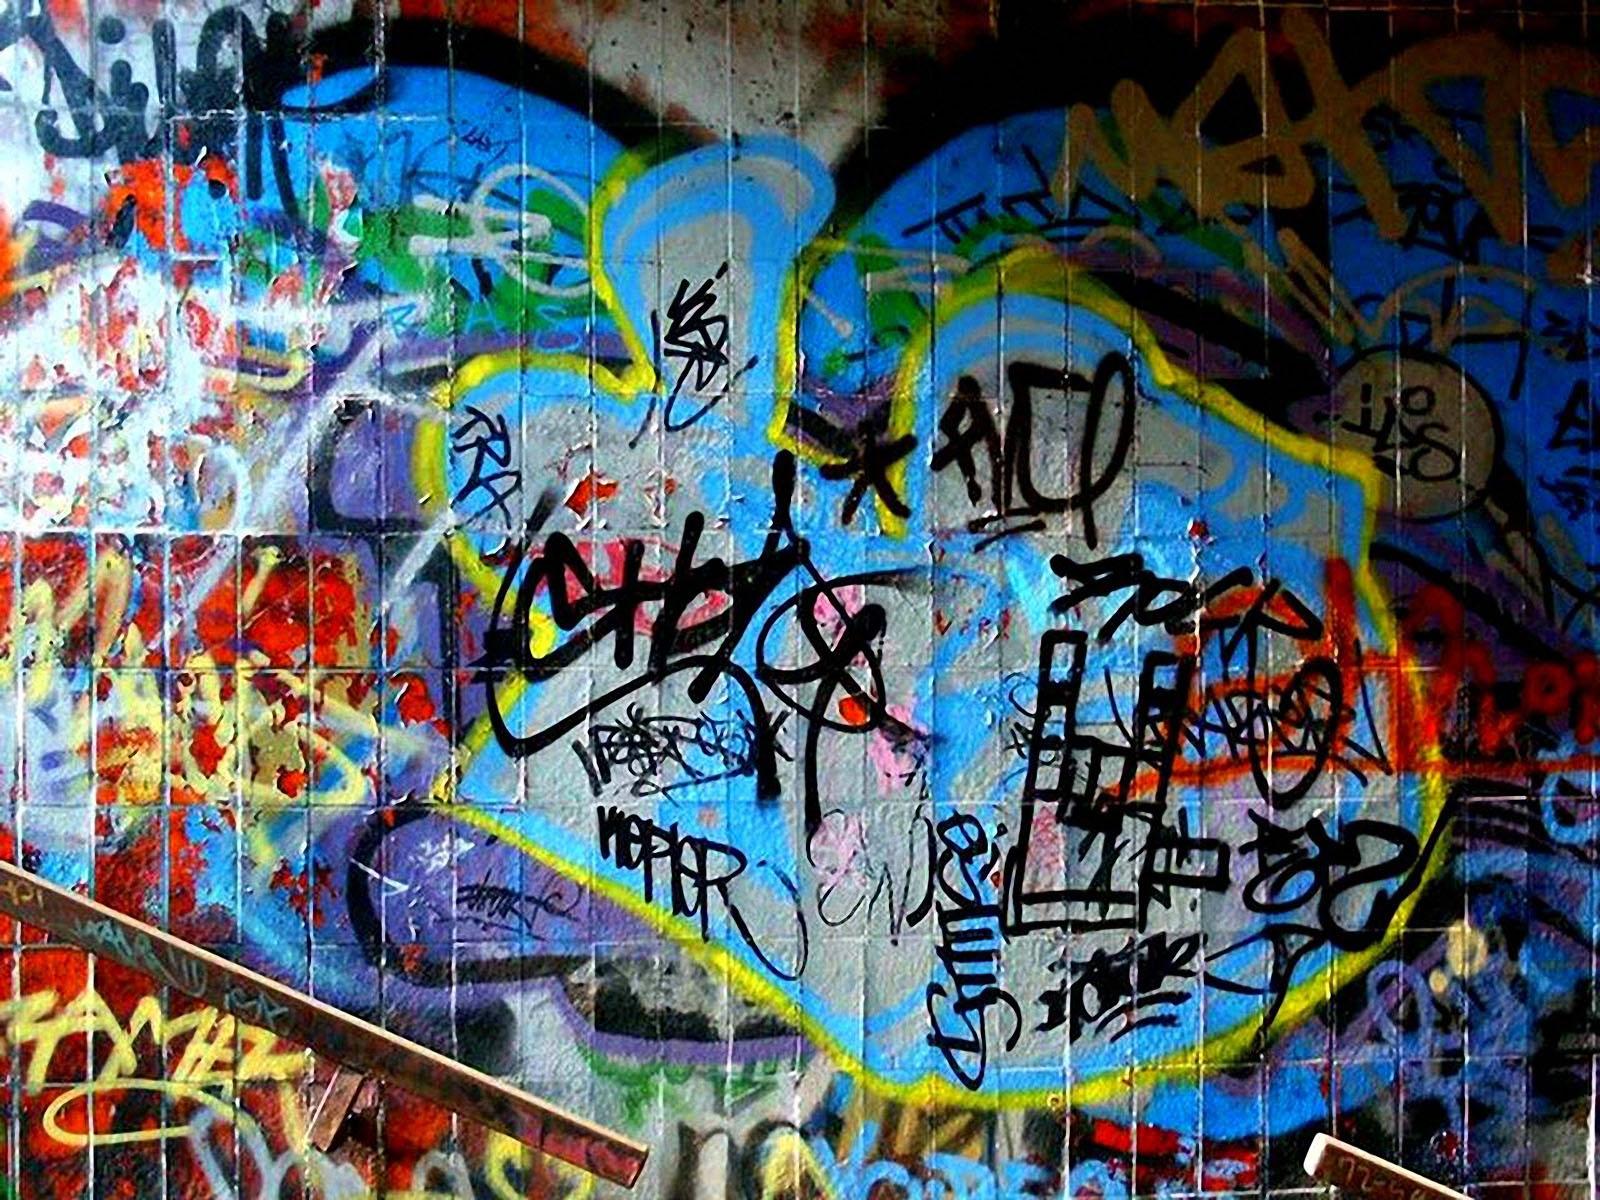 graffiti art wallpaper #14